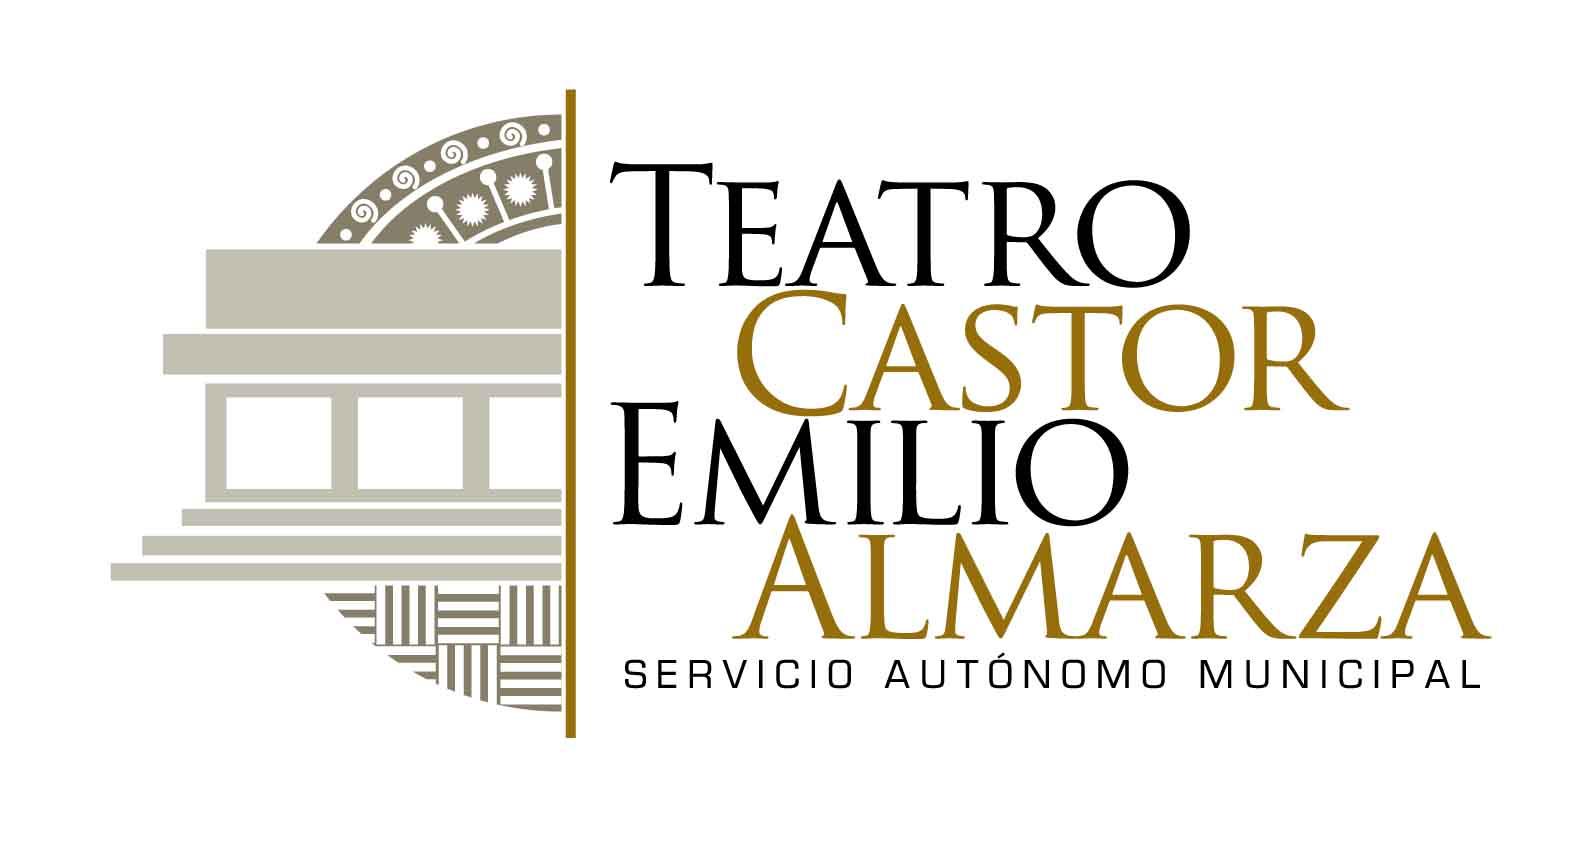 Teatro Castor Emilio Almarza